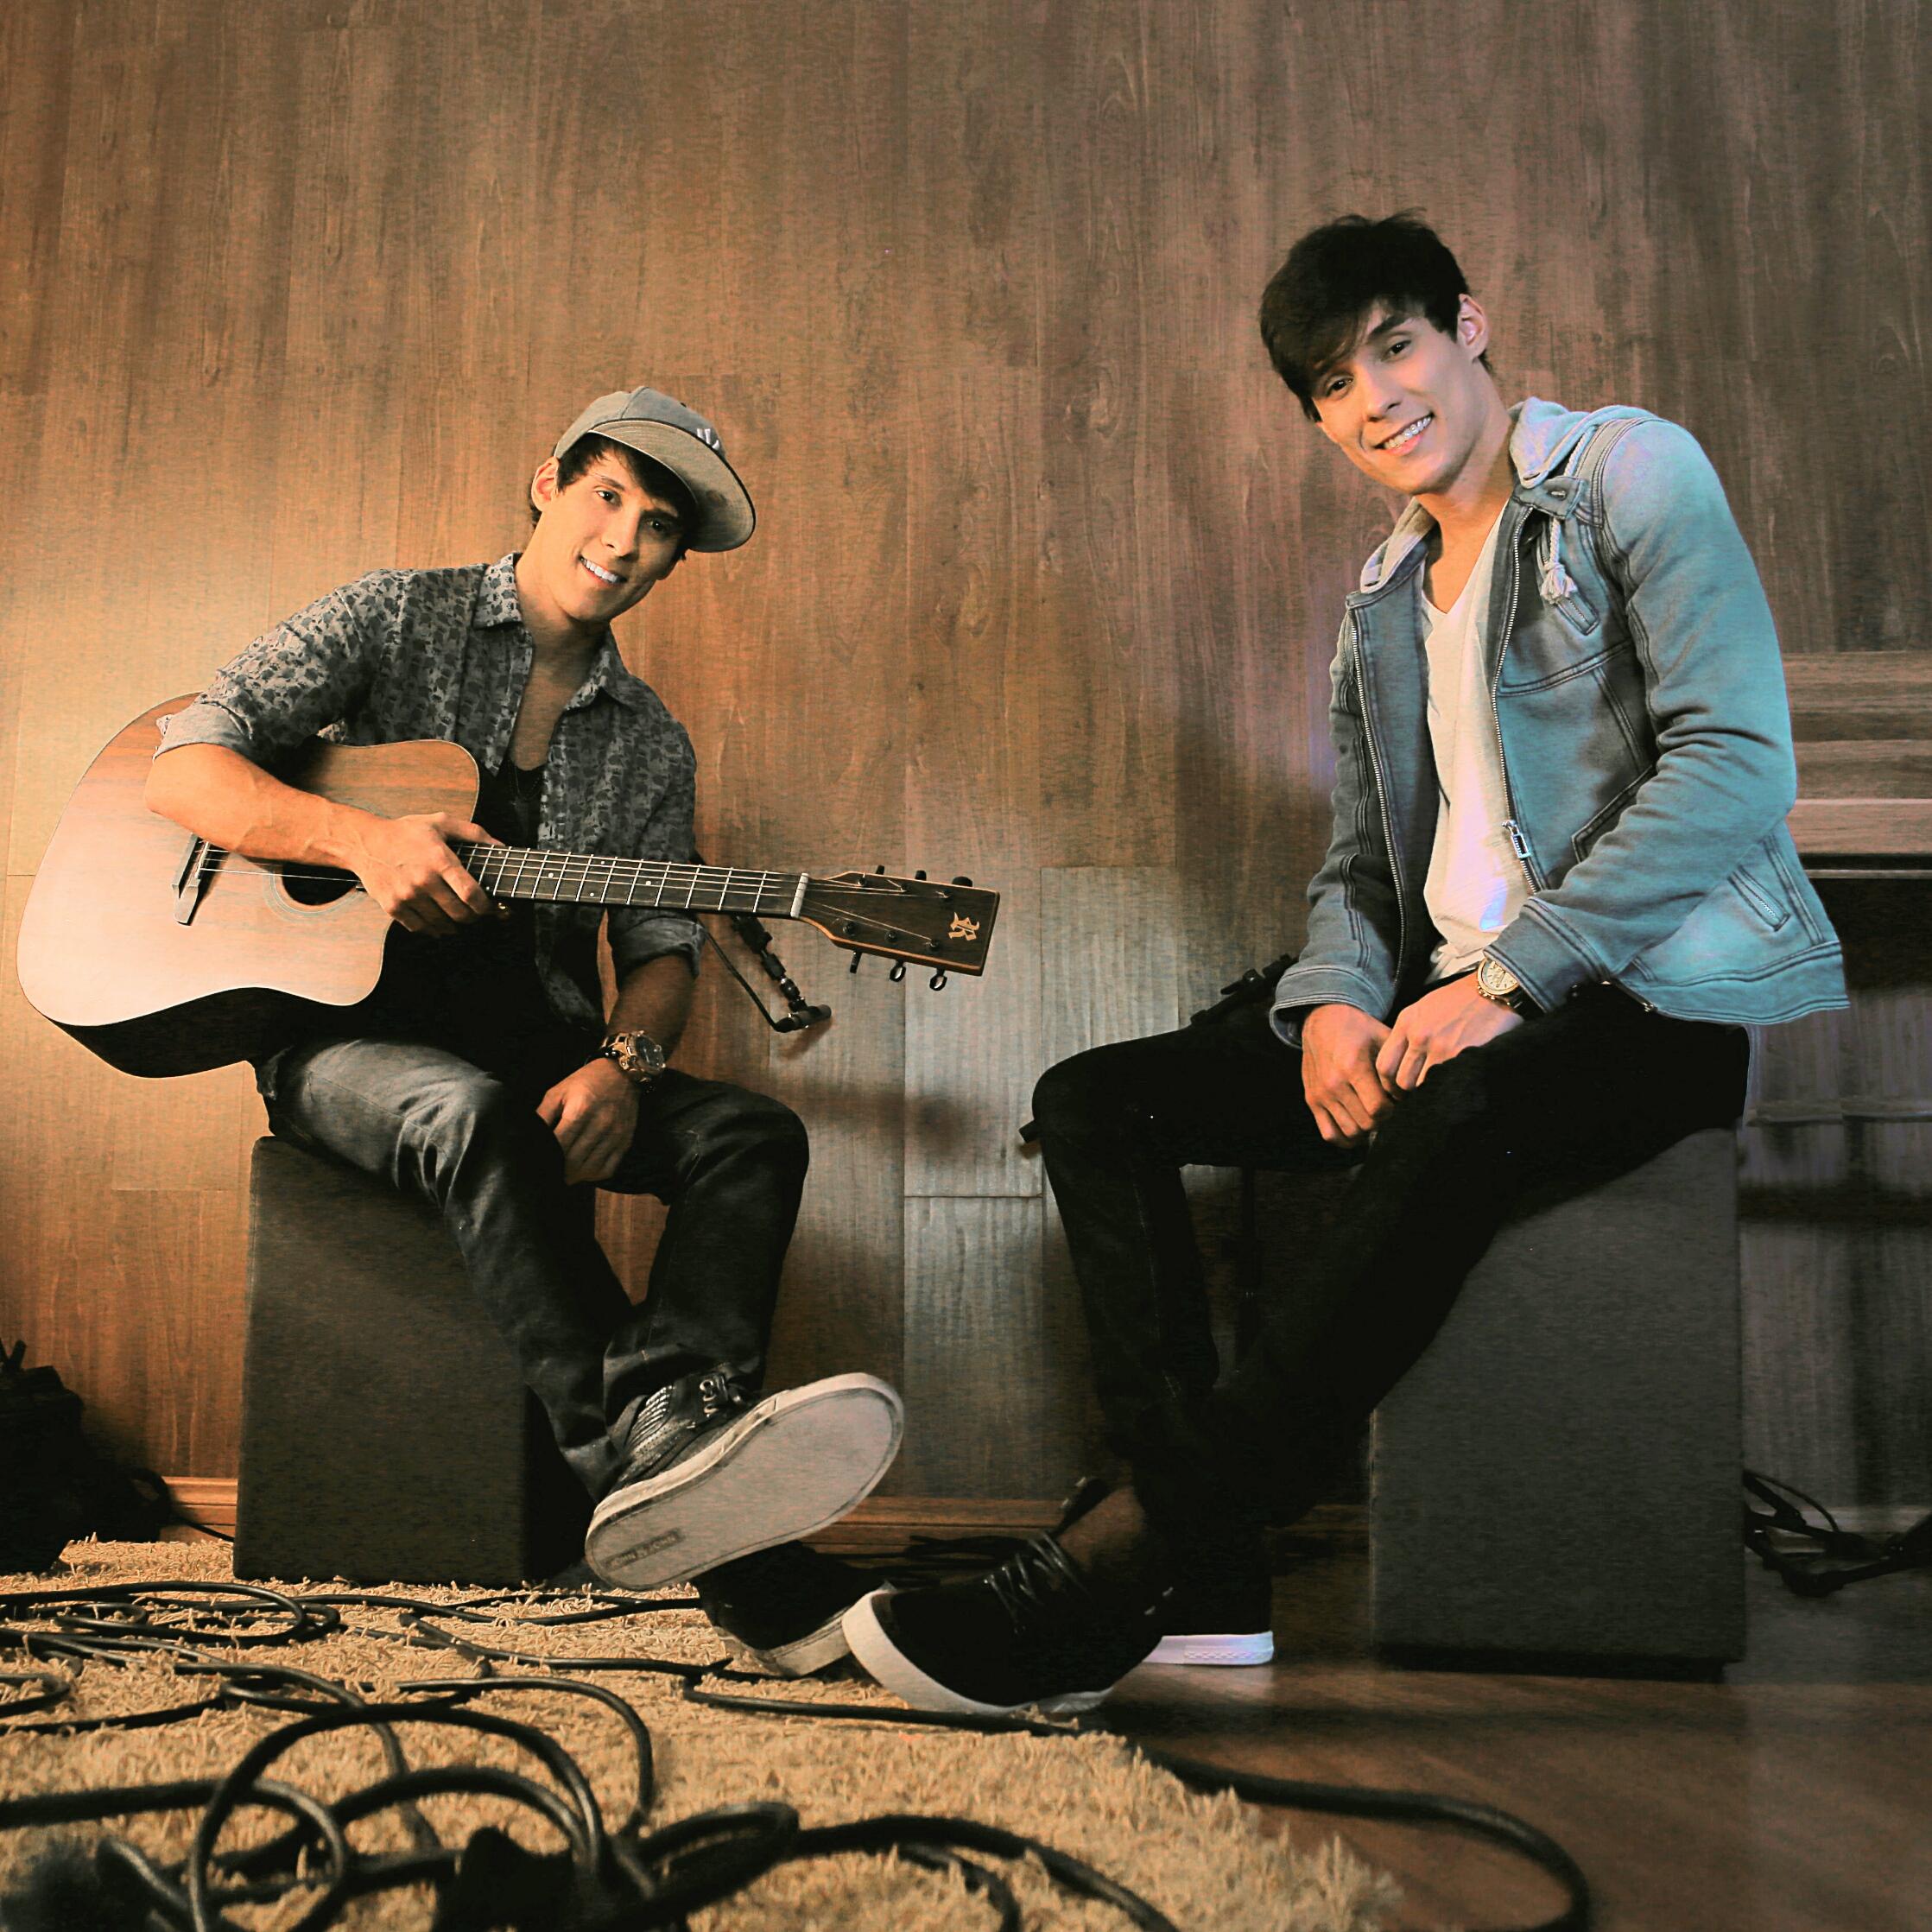 Victor Freitas & Felipe lançam projeto Mash Up mesclando músicas próprias a hits internacionais.